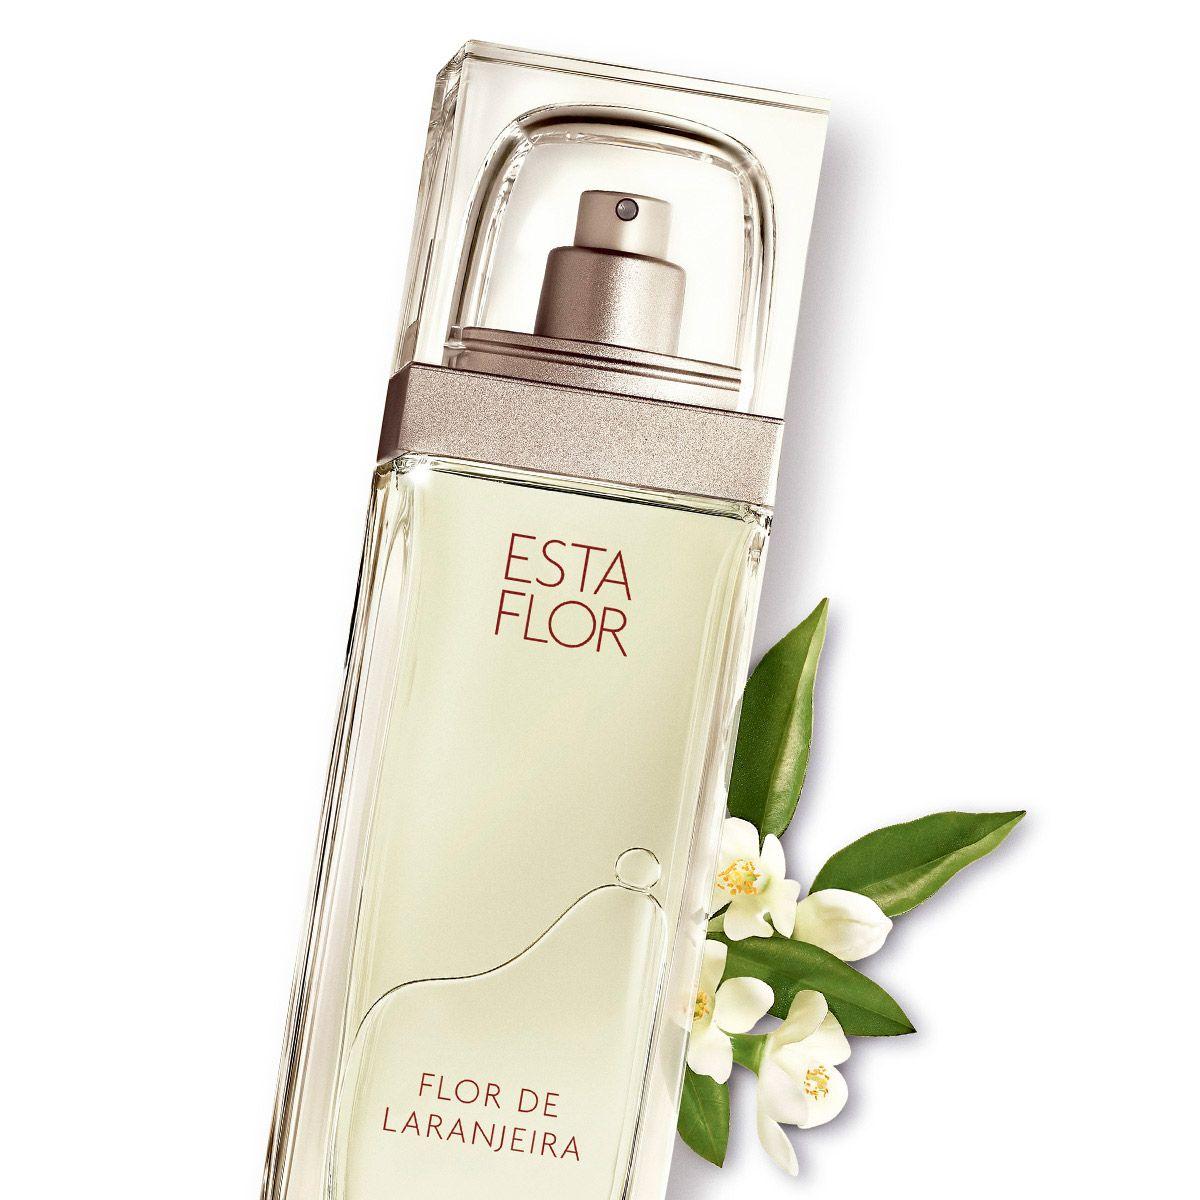 Uma Fragrancia Que Traz O Intenso Oleo Essencial Da Flor De